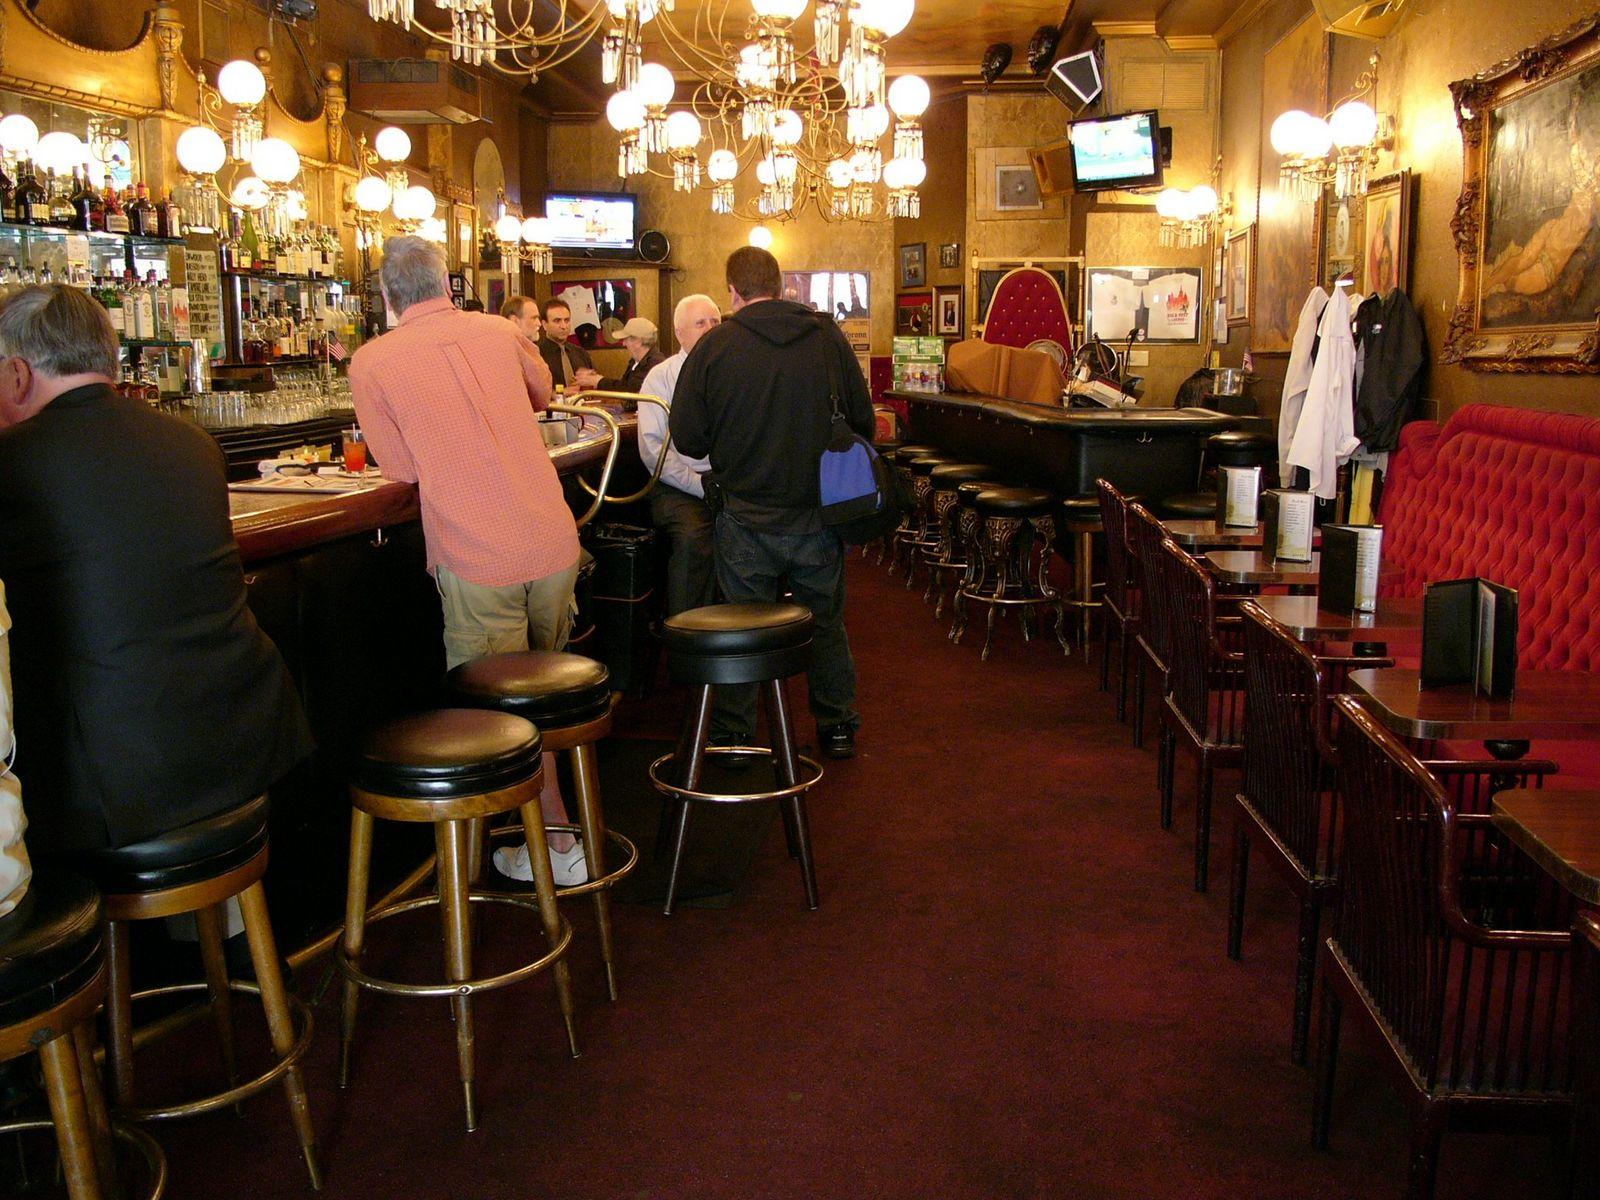 Hook up bar a San Francisco